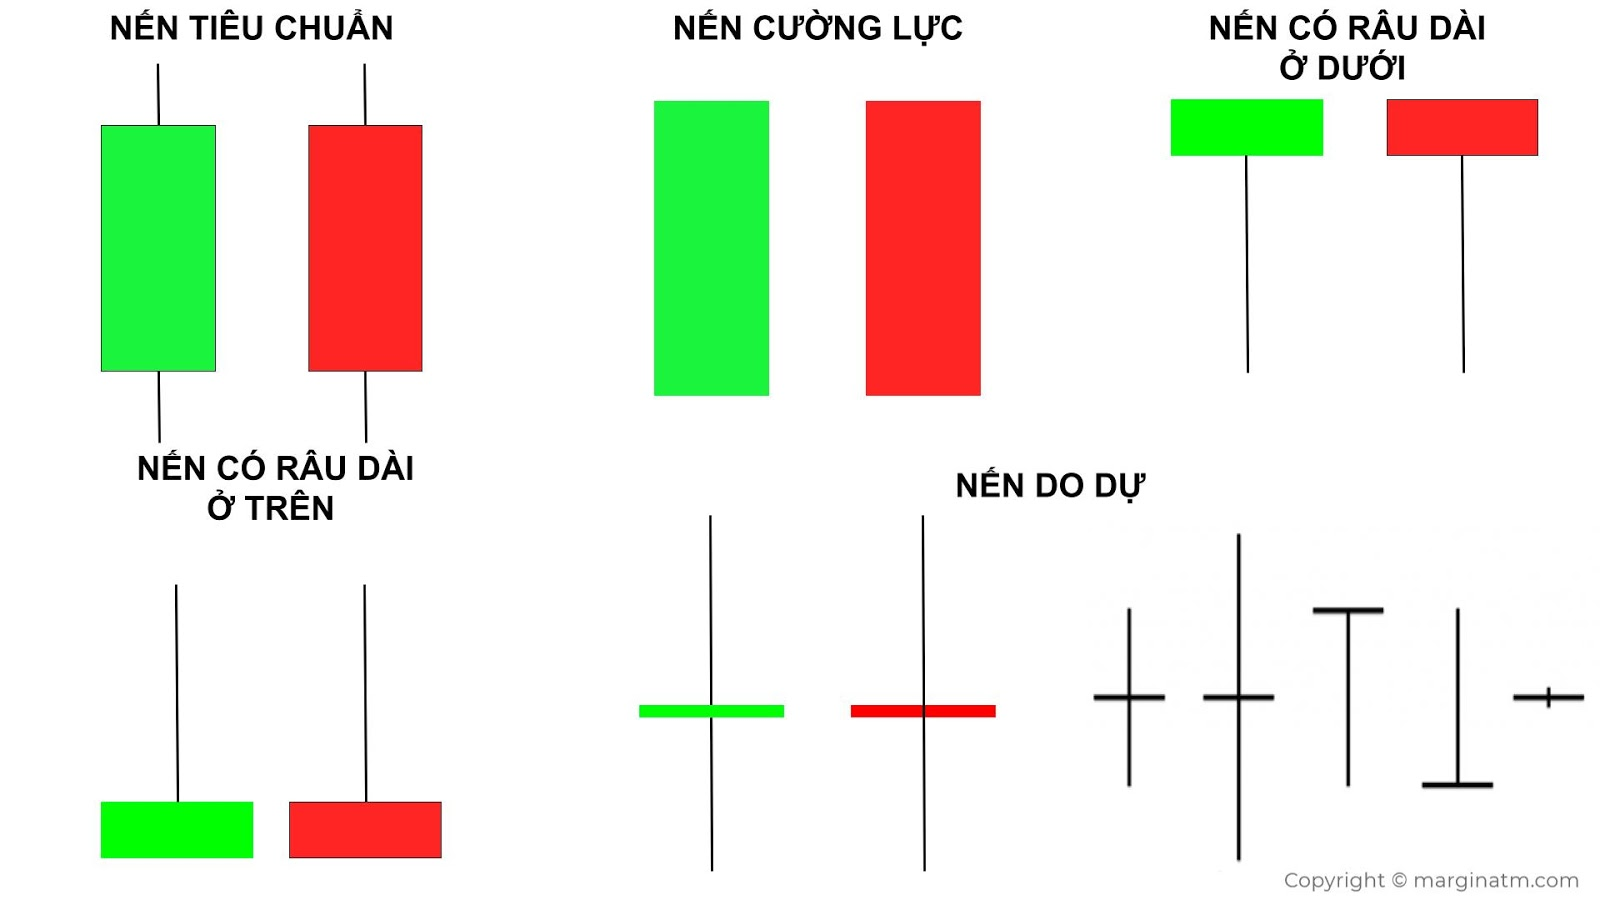 Các loại nến trong biểu đồ nến